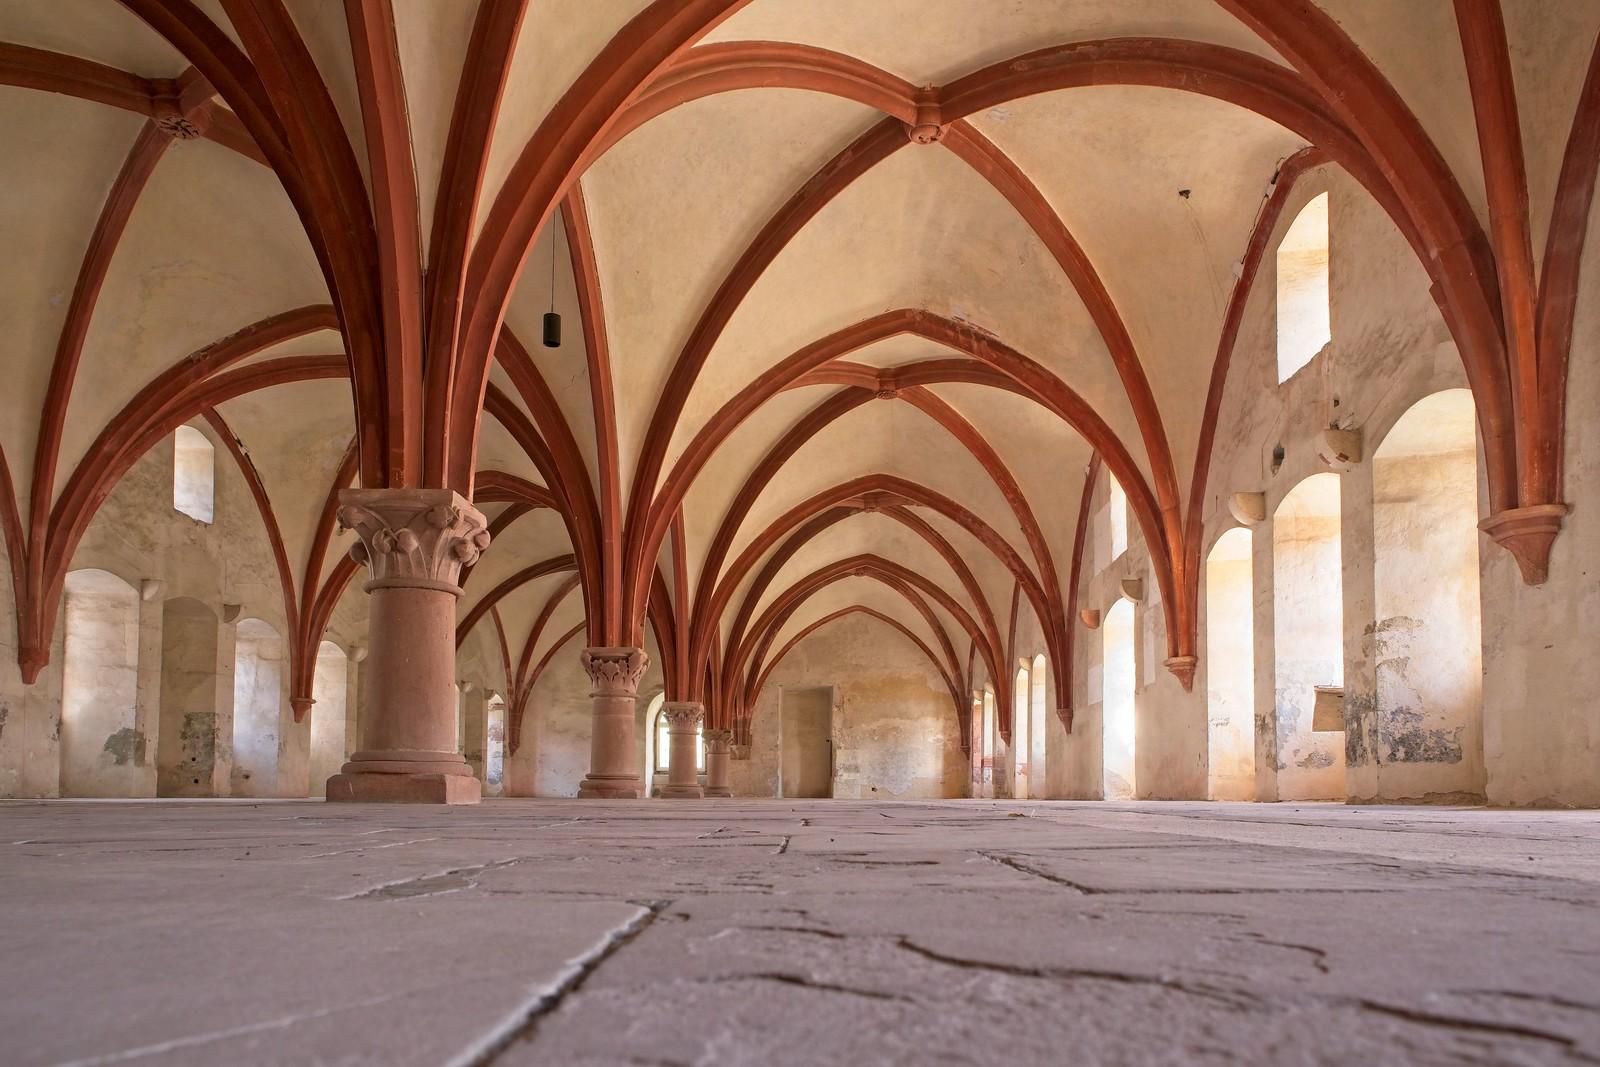 Mönchsdormitorium, Schlafsaal der Mönche - Kloster Eberbach